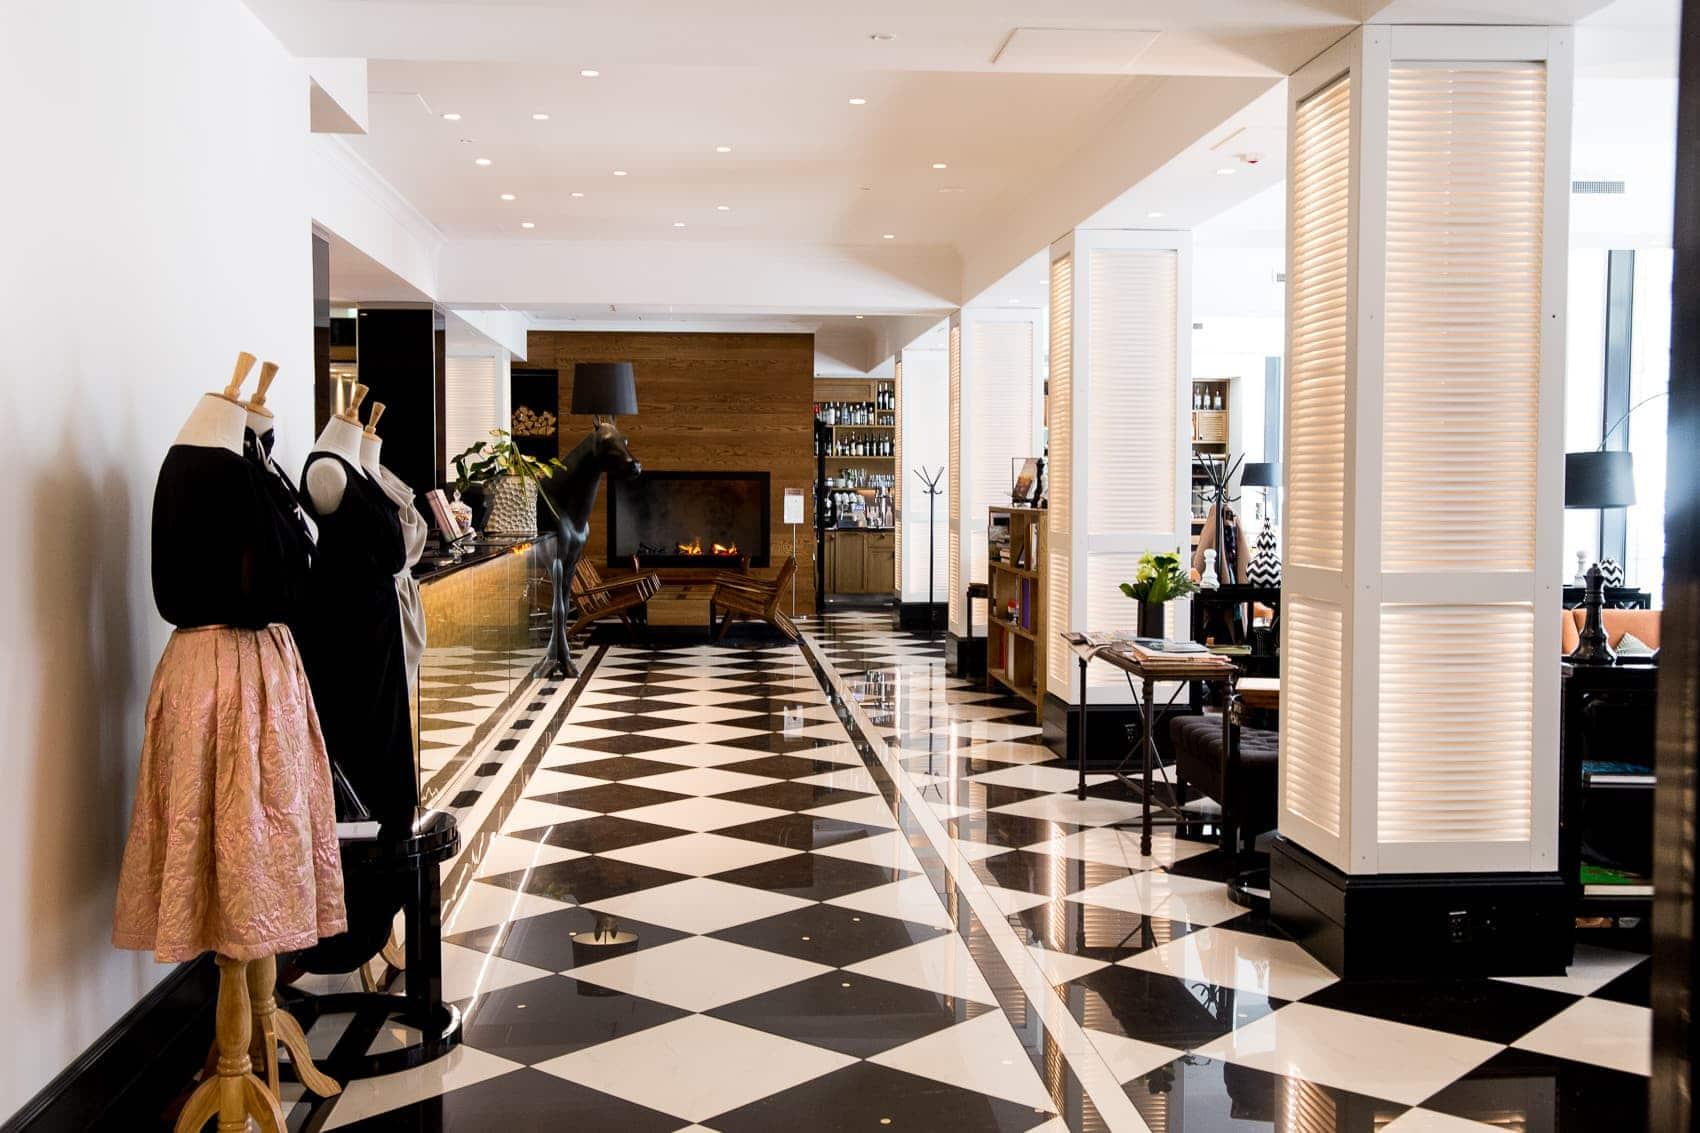 Hotel Lilla Roberts - Die schönste Unterkunft in Helsinki?